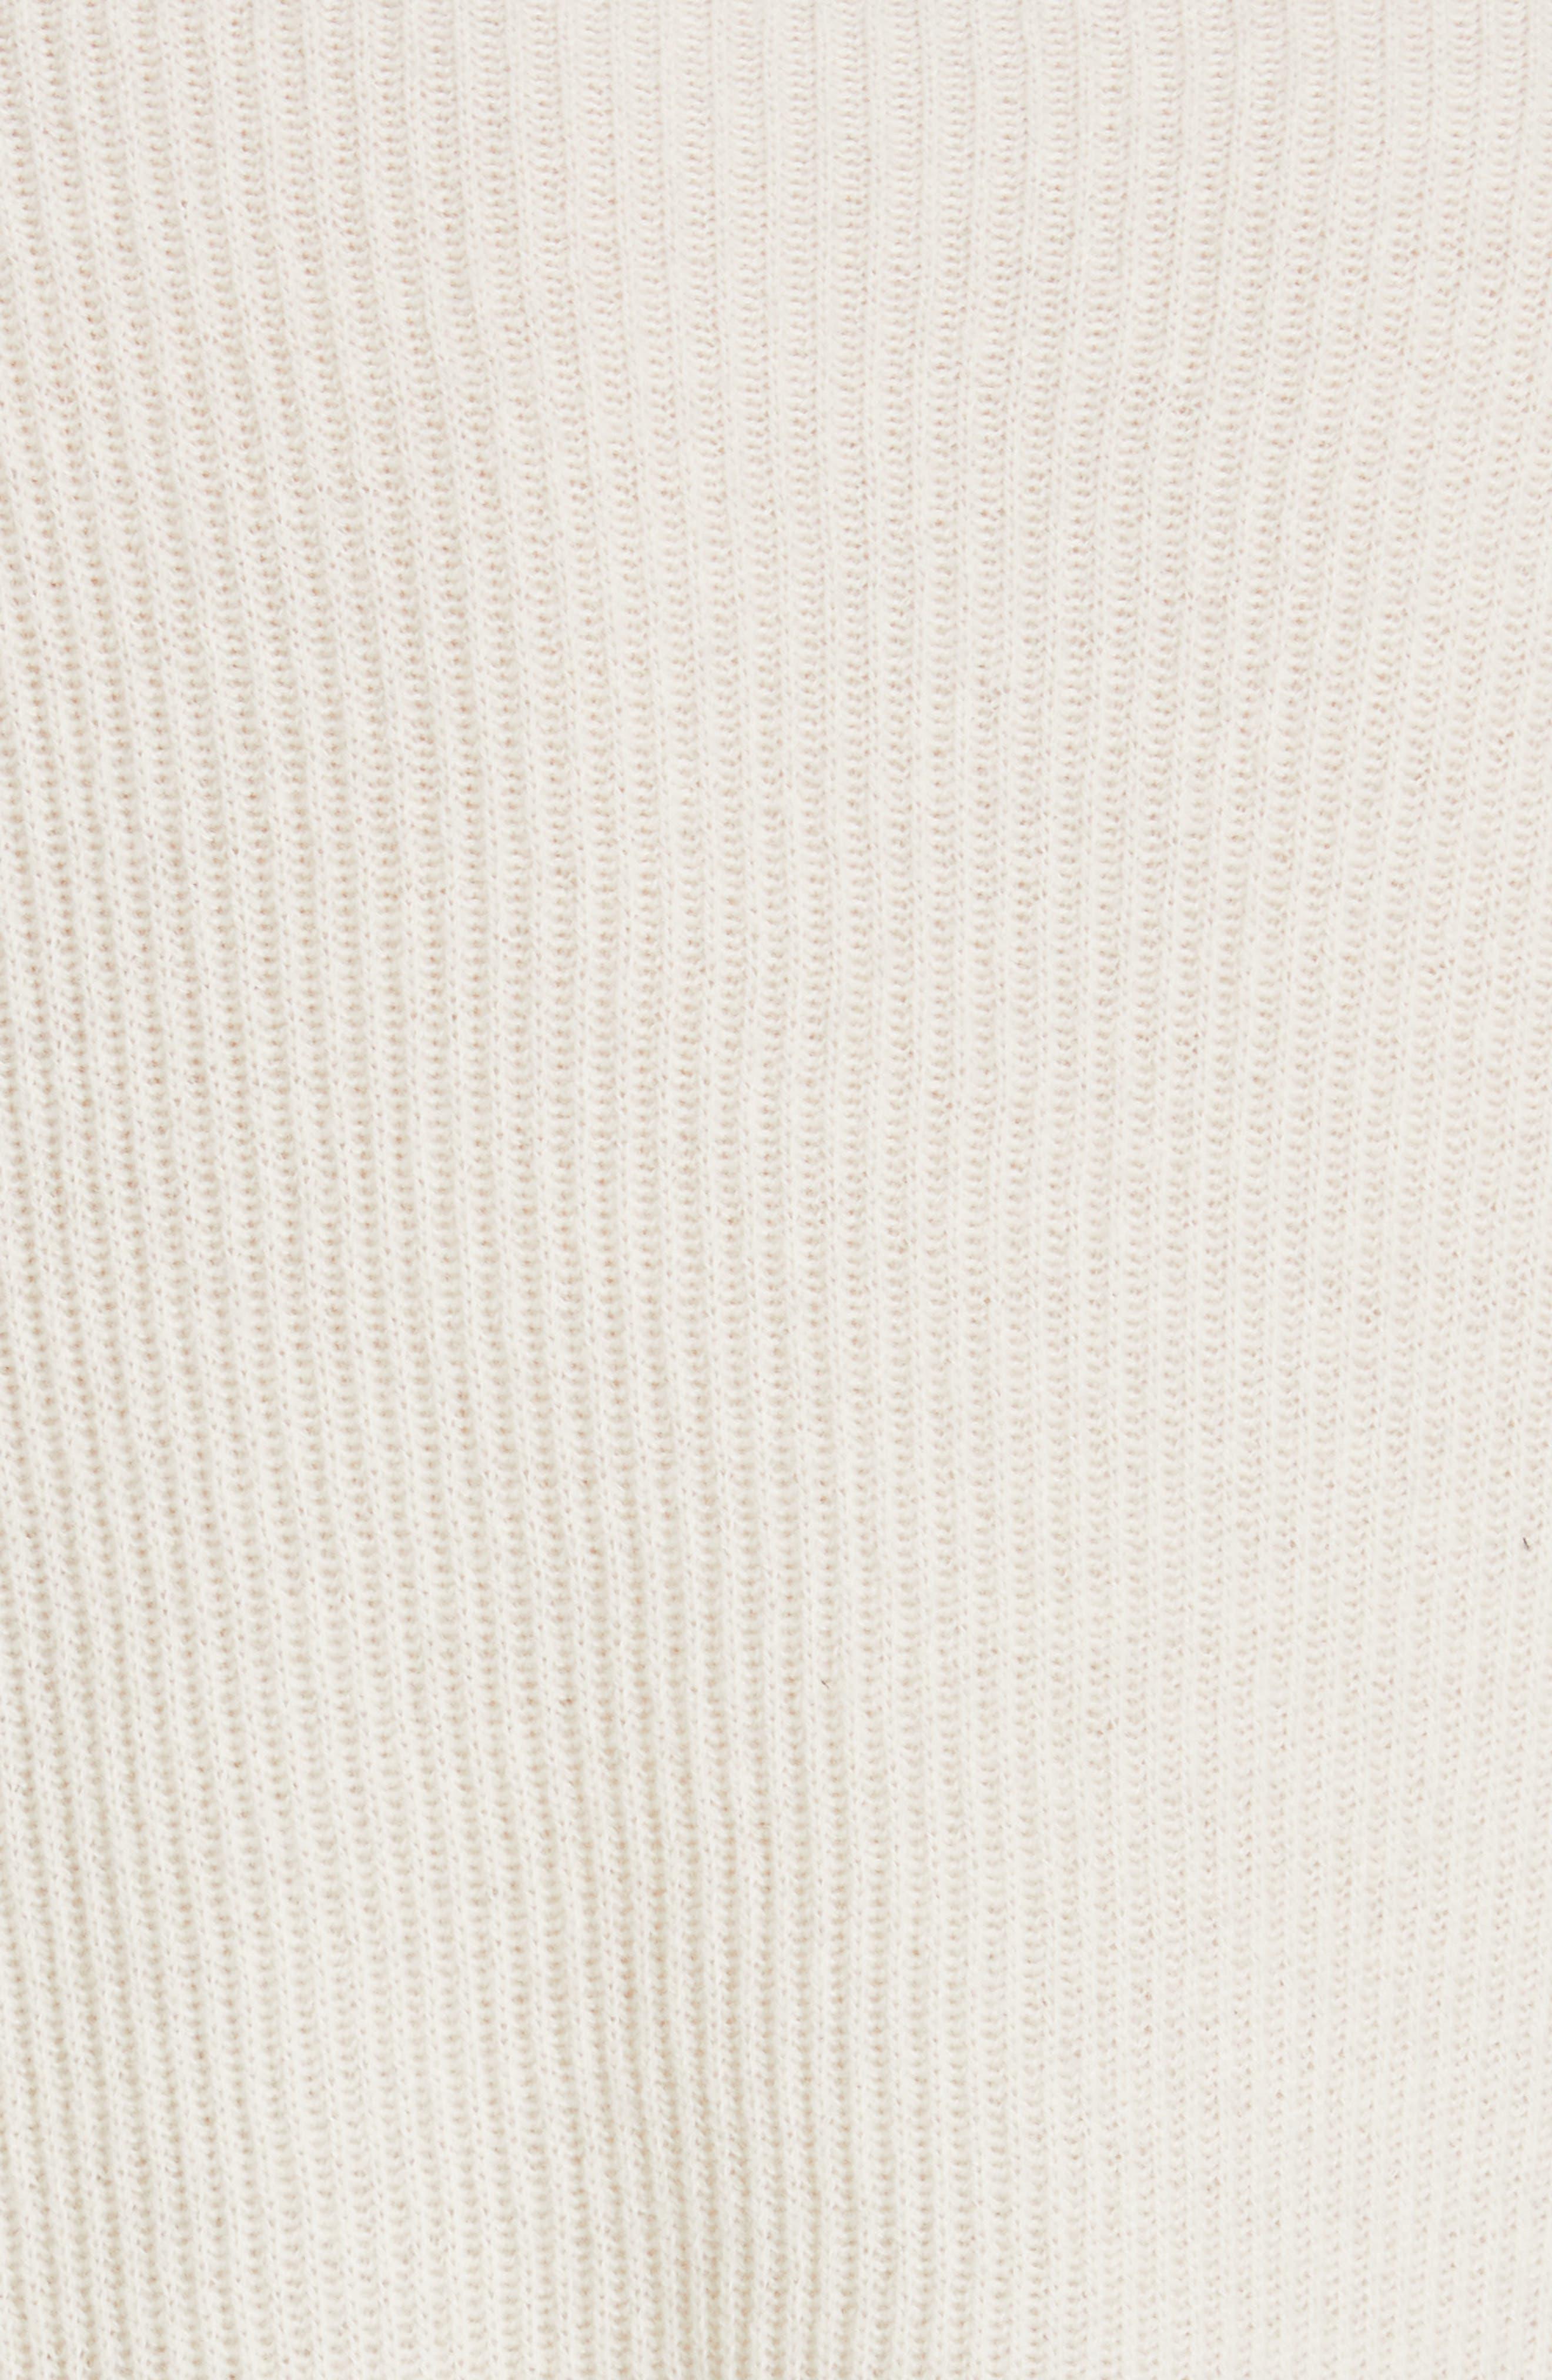 NILI LOTAN, Hadis Cashmere Sweater, Alternate thumbnail 5, color, IVORY